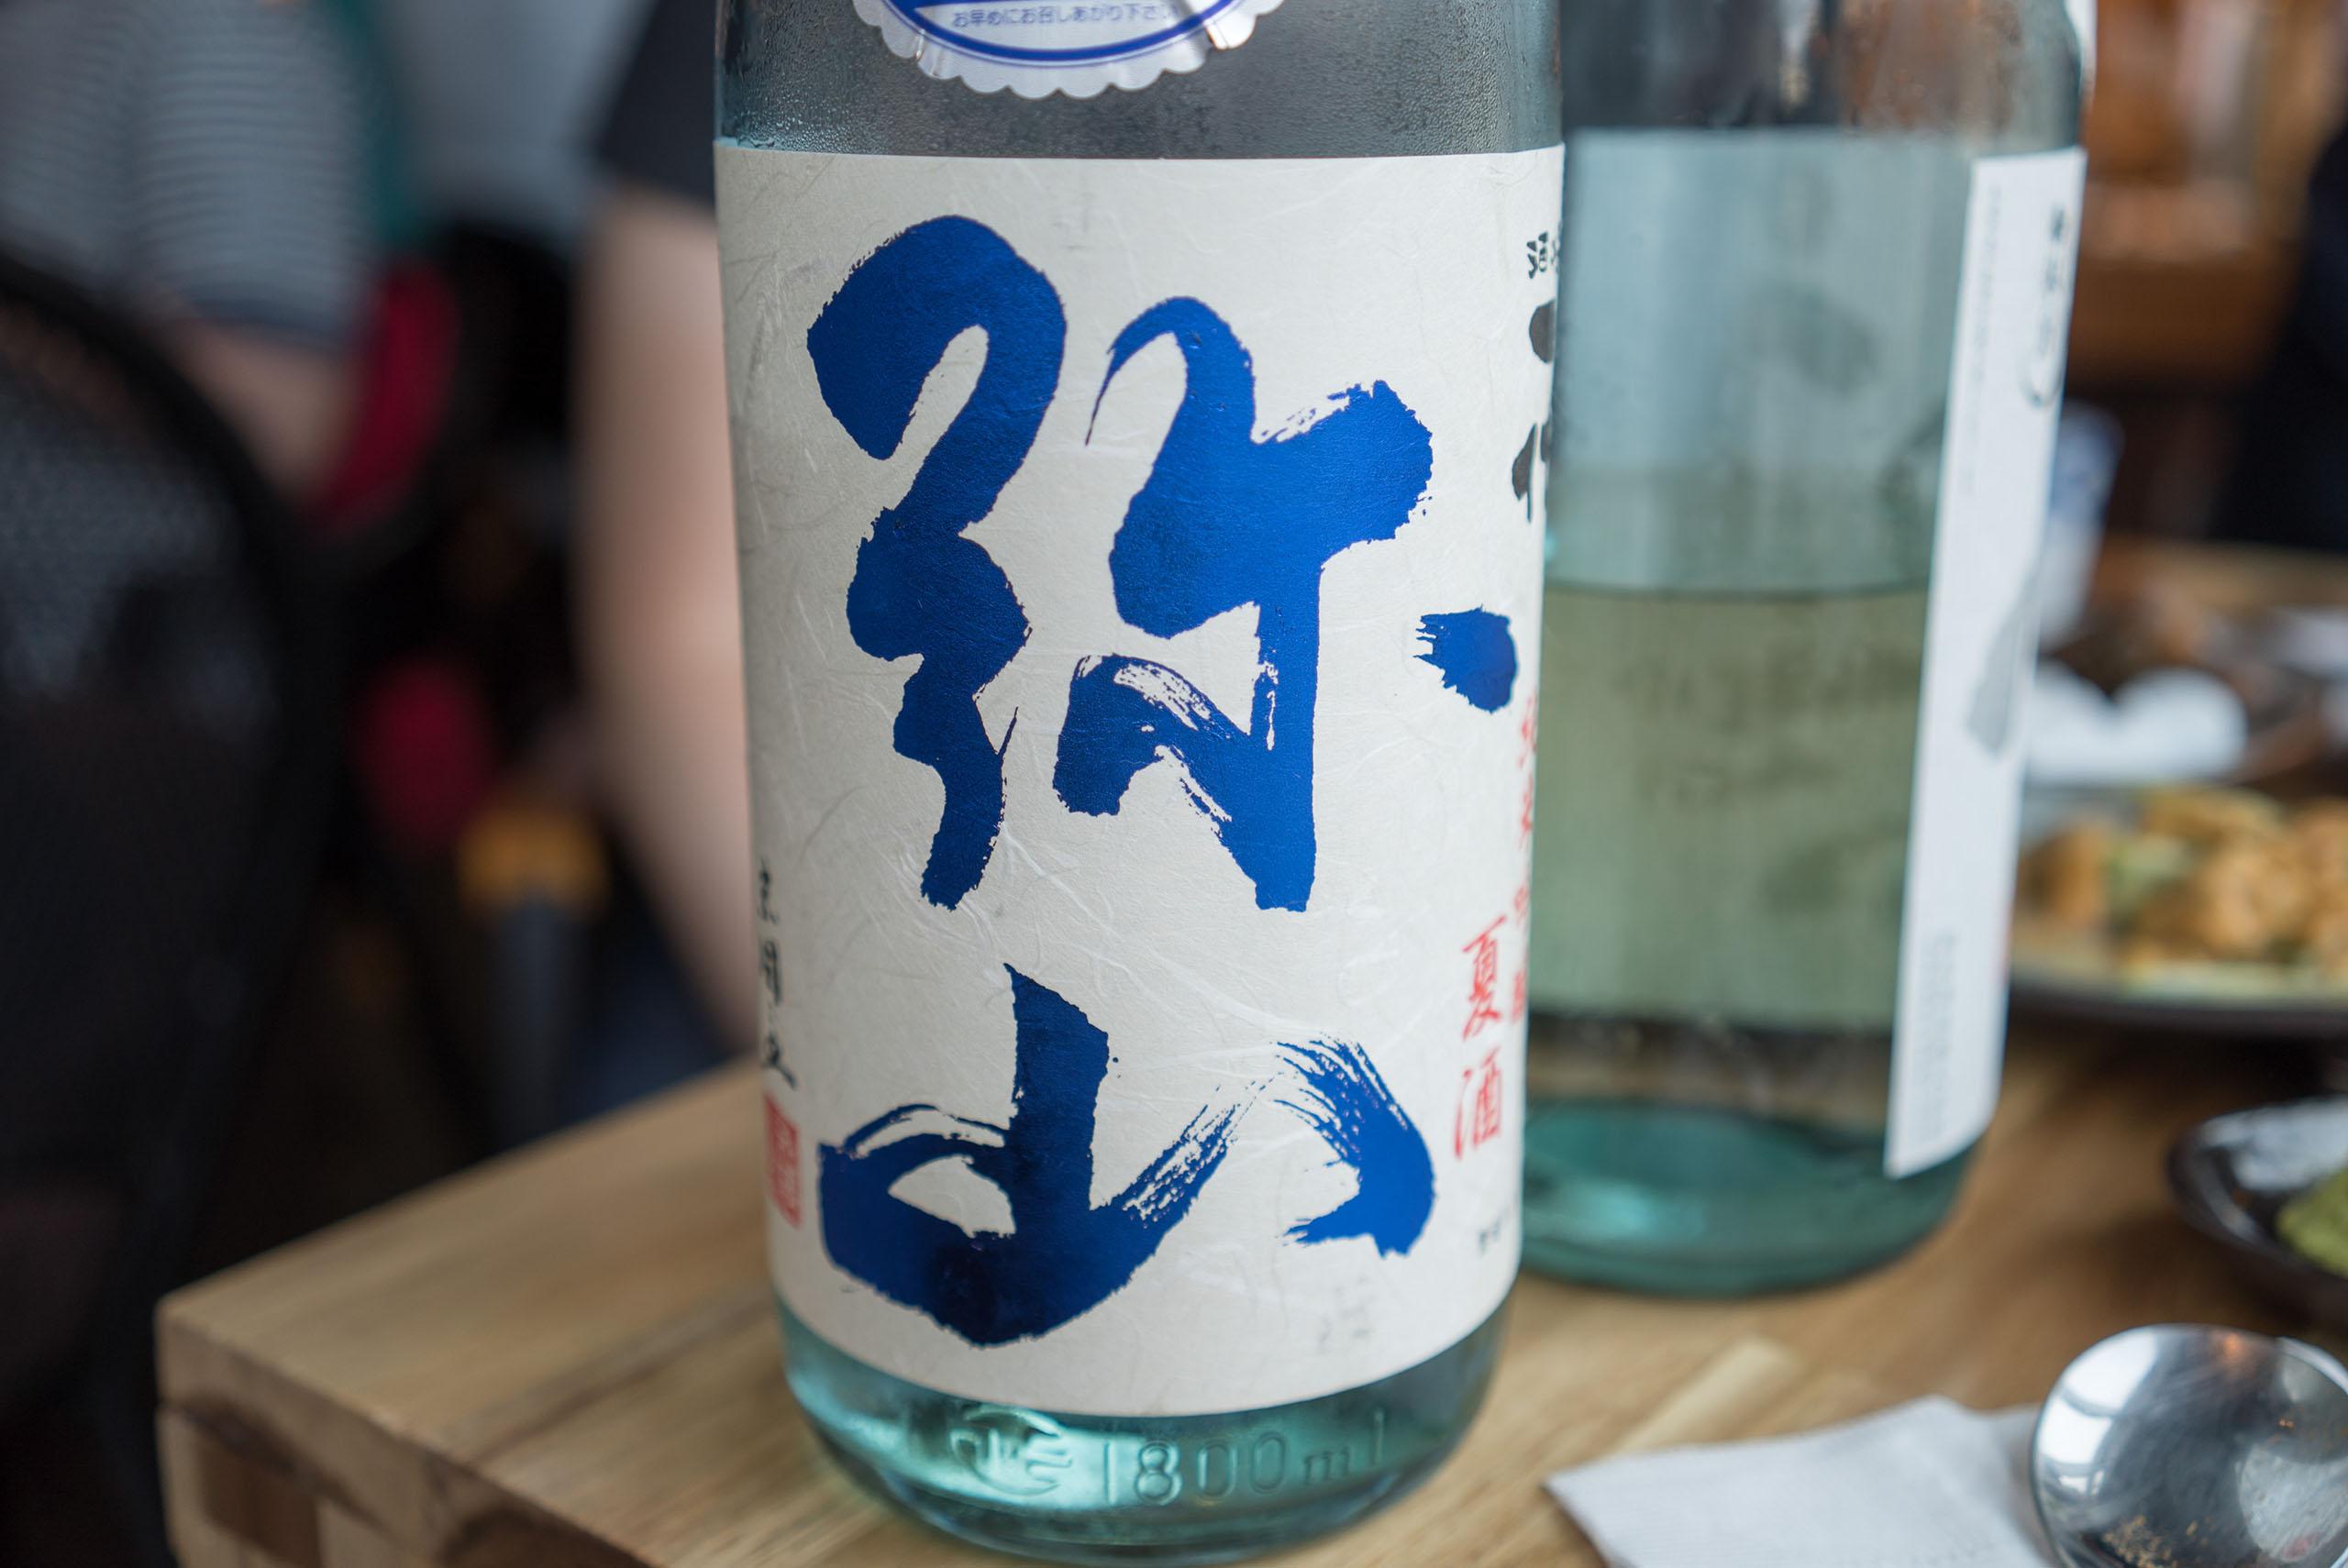 이치다이미센 쥰마이긴죠 나츠자케 나마 핫탄니시키